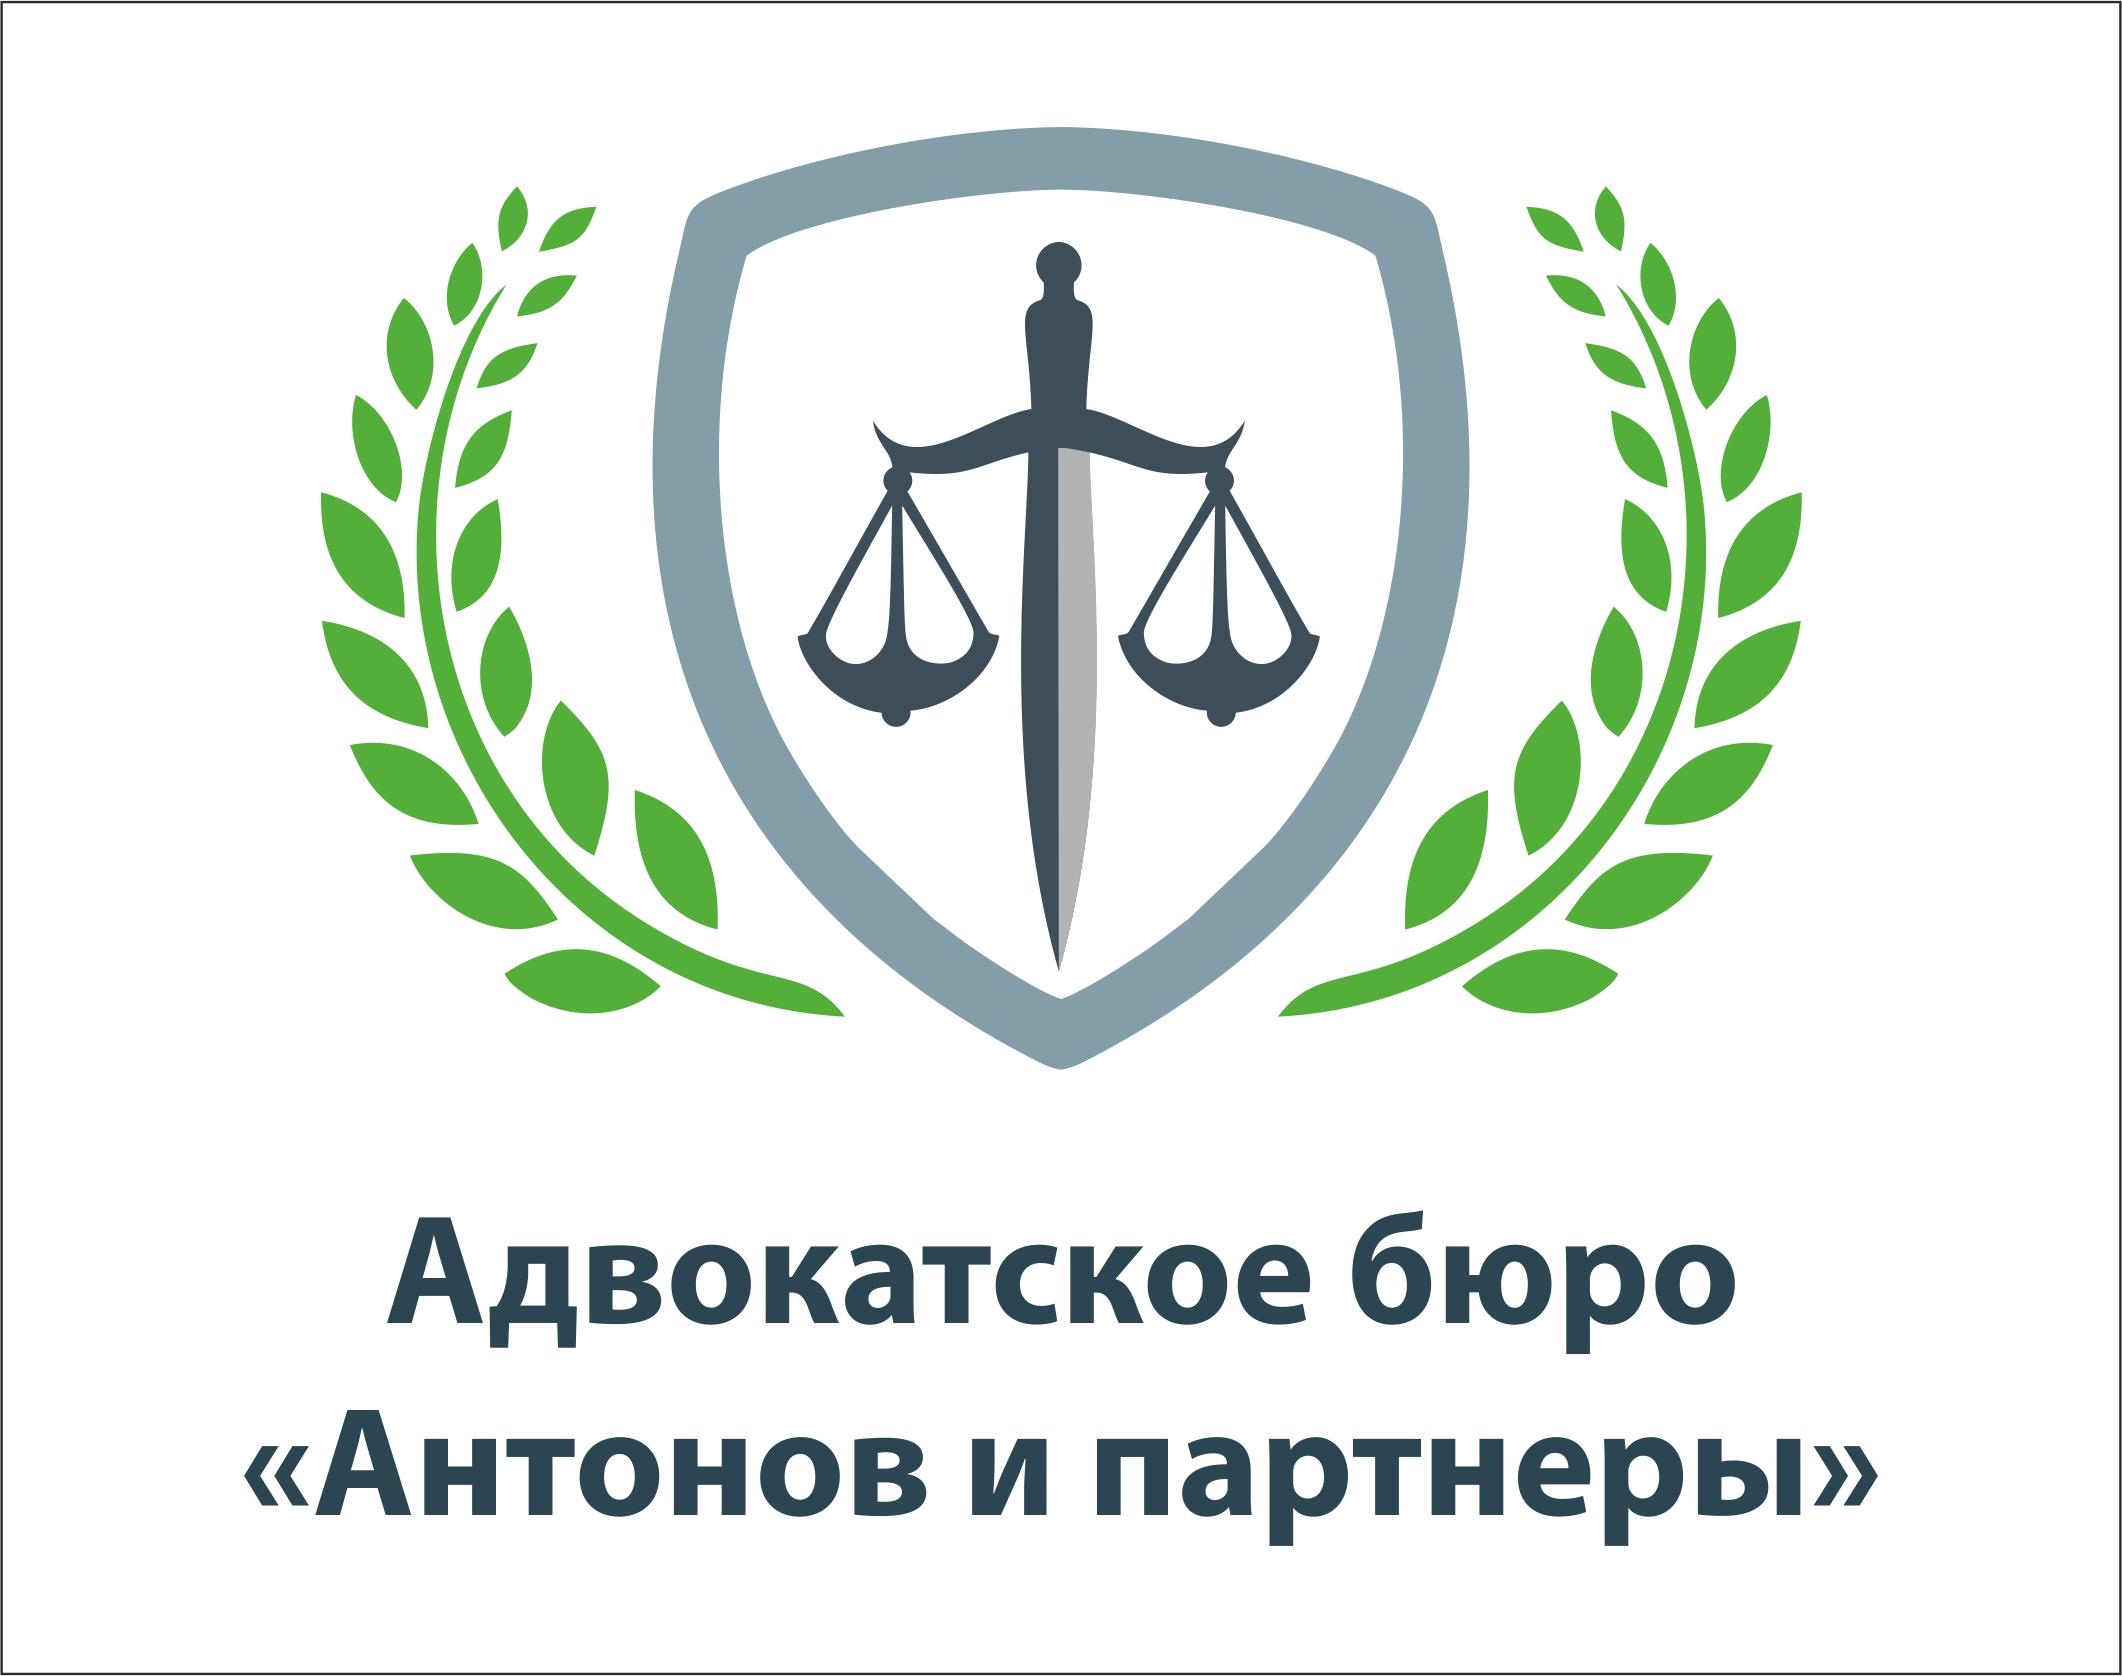 Освобождение имущества от ареста, наложенного постановлением судебного пристава. прав ли пристав?